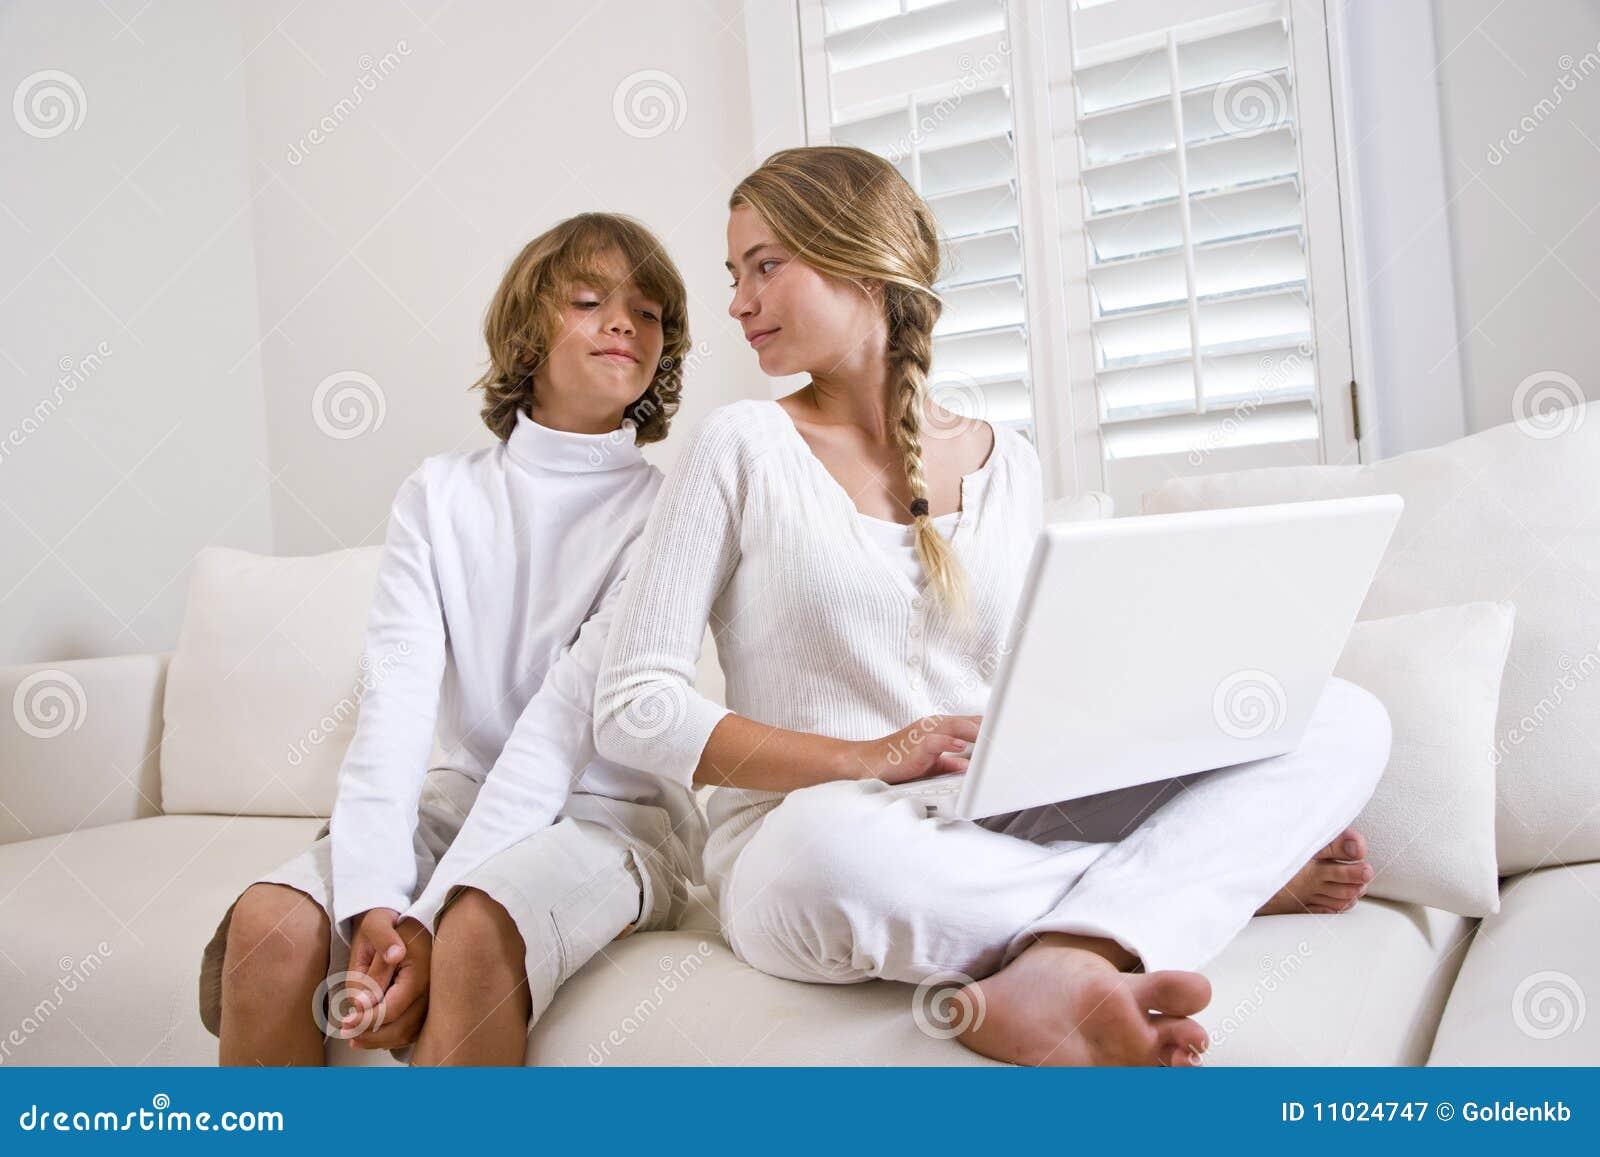 Русское порно как брат трахнул молодую сестру, Инцест. Брат и сестра. Мать и сын. И так далее Форум 20 фотография